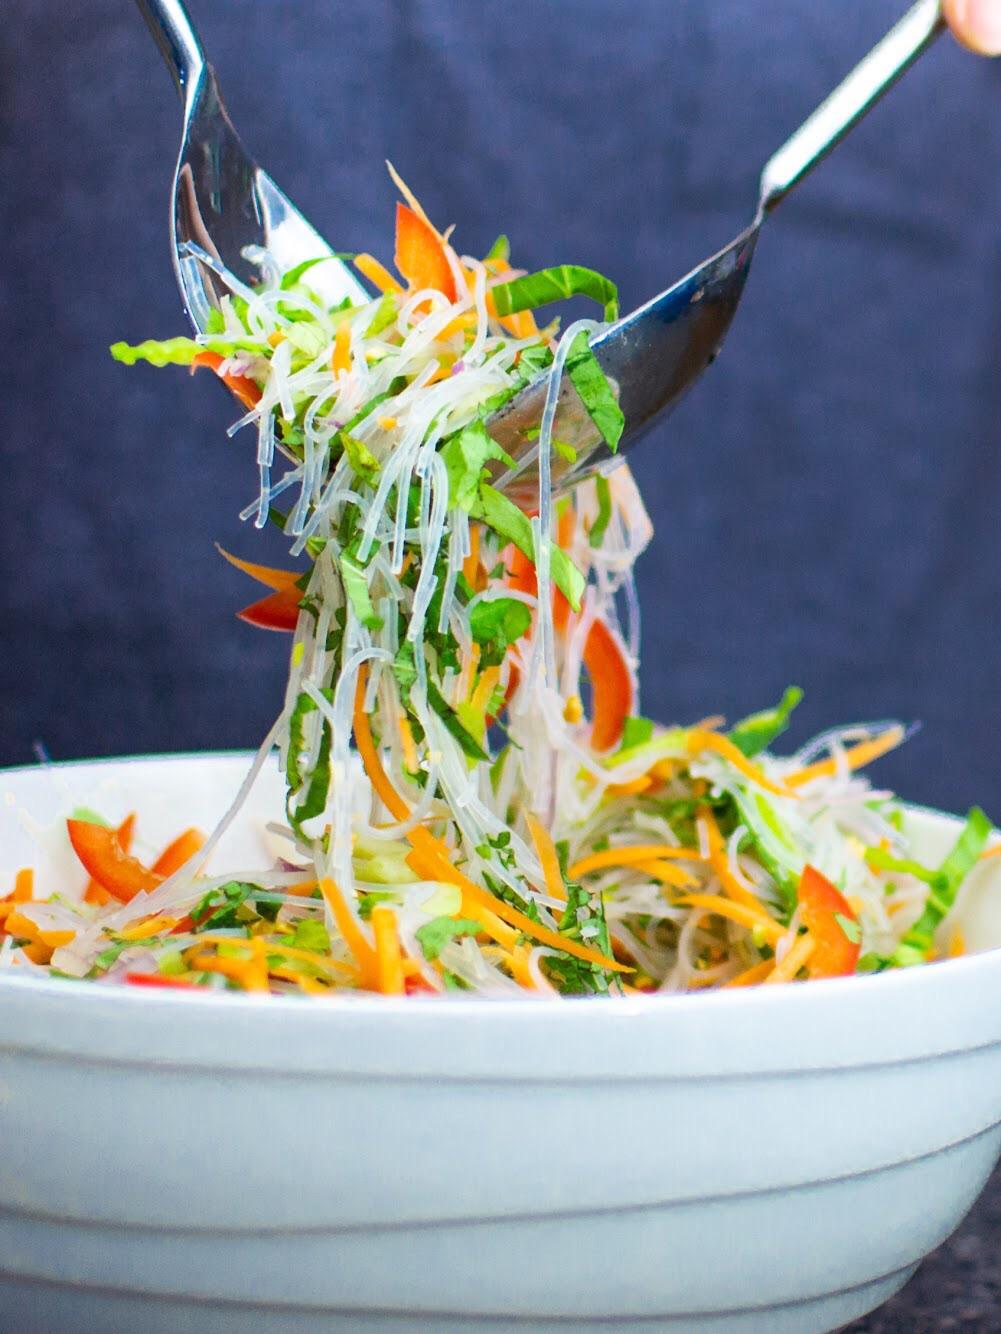 Beef tri tip noodle salad mix